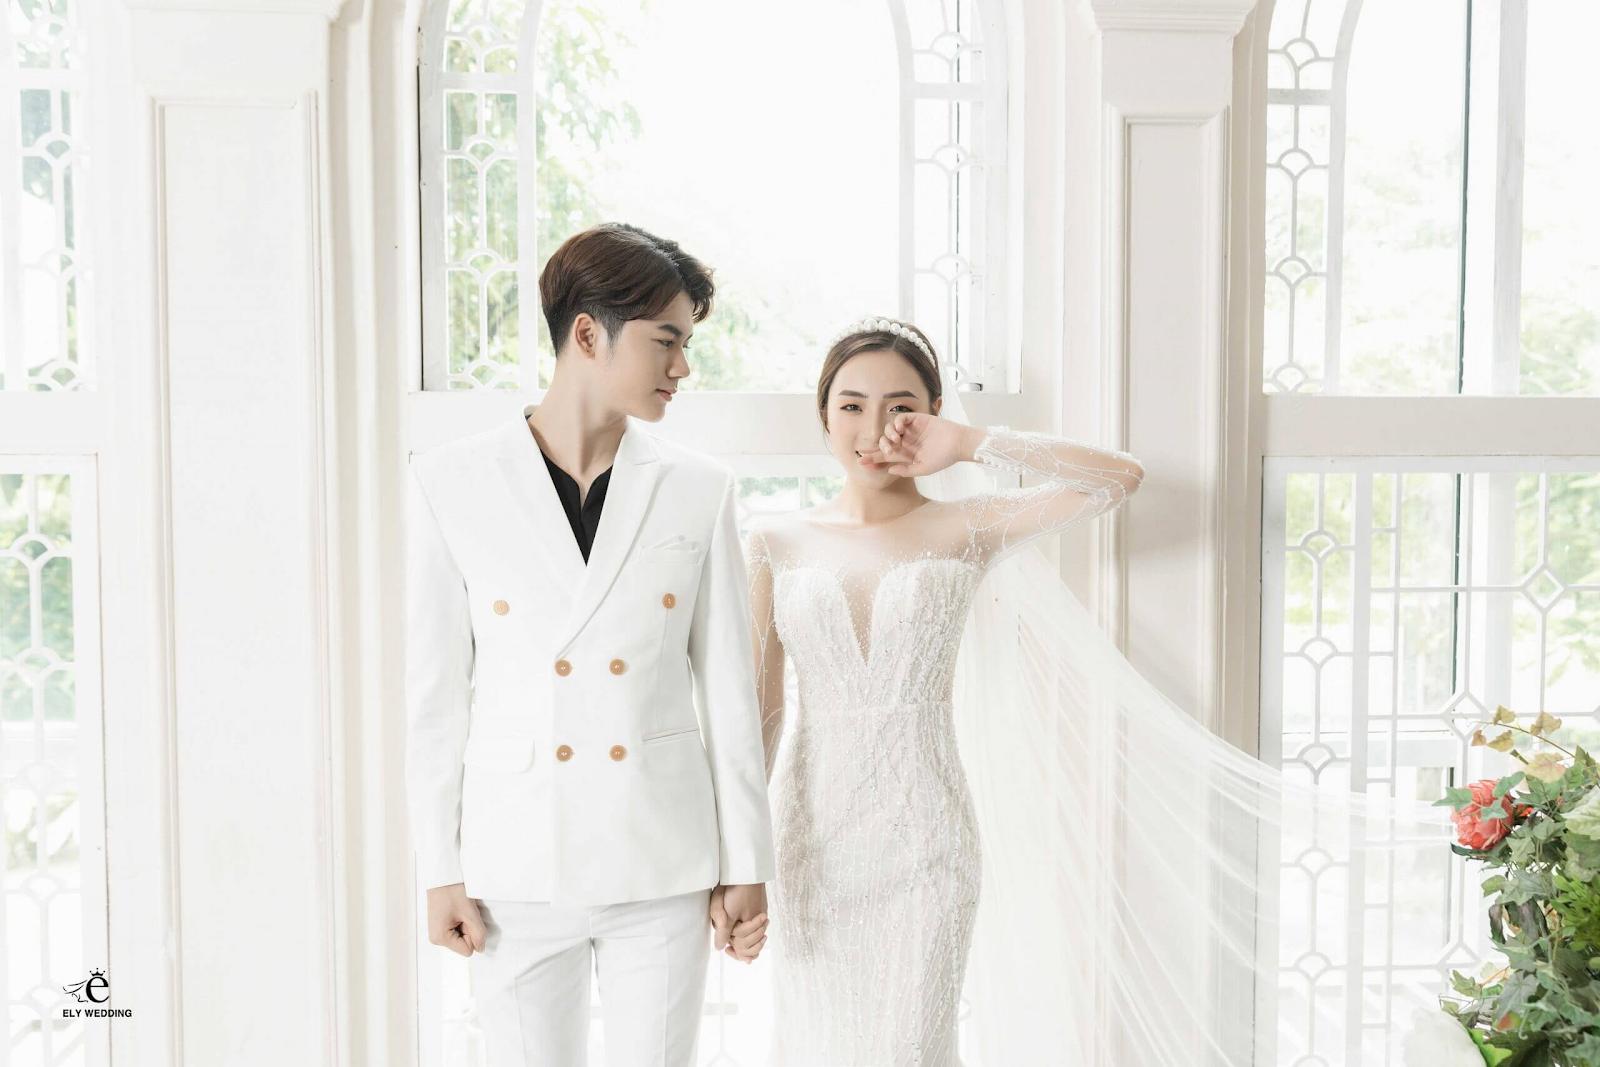 Xu hướng chụp ảnh cưới trong phòng – đơn giản mà đẹp